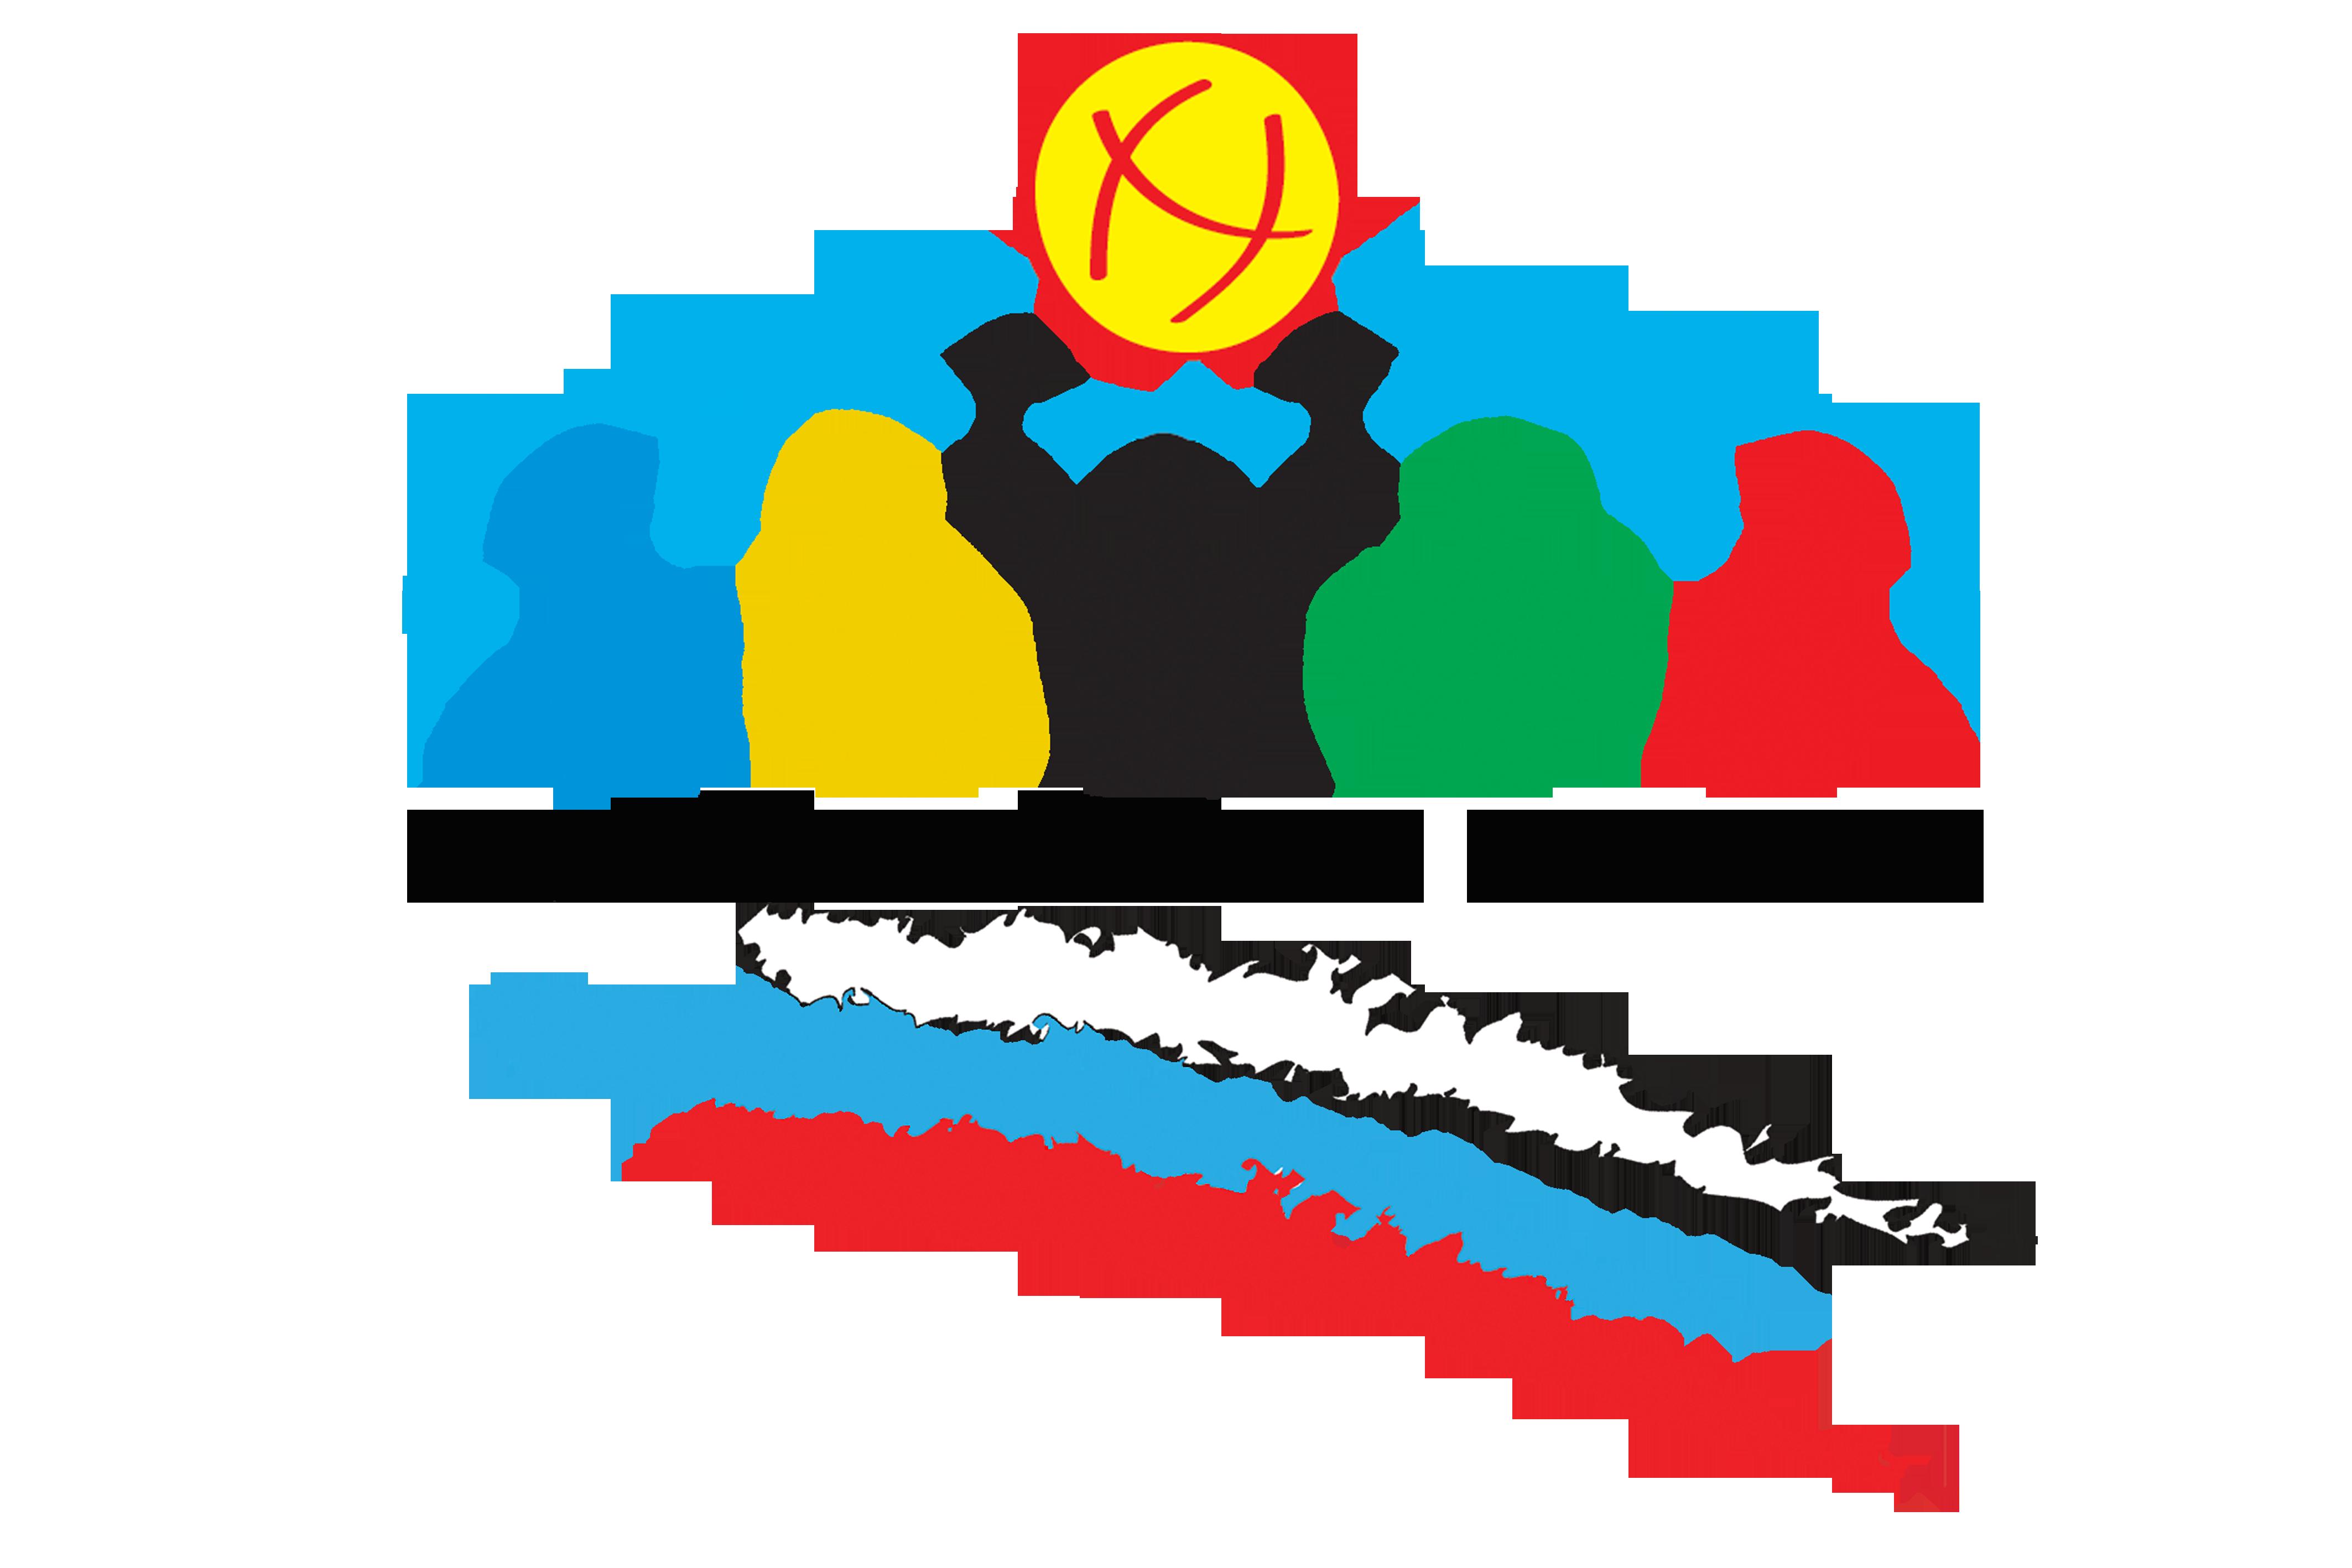 Логотип_РСХ_вторая_редакция_2